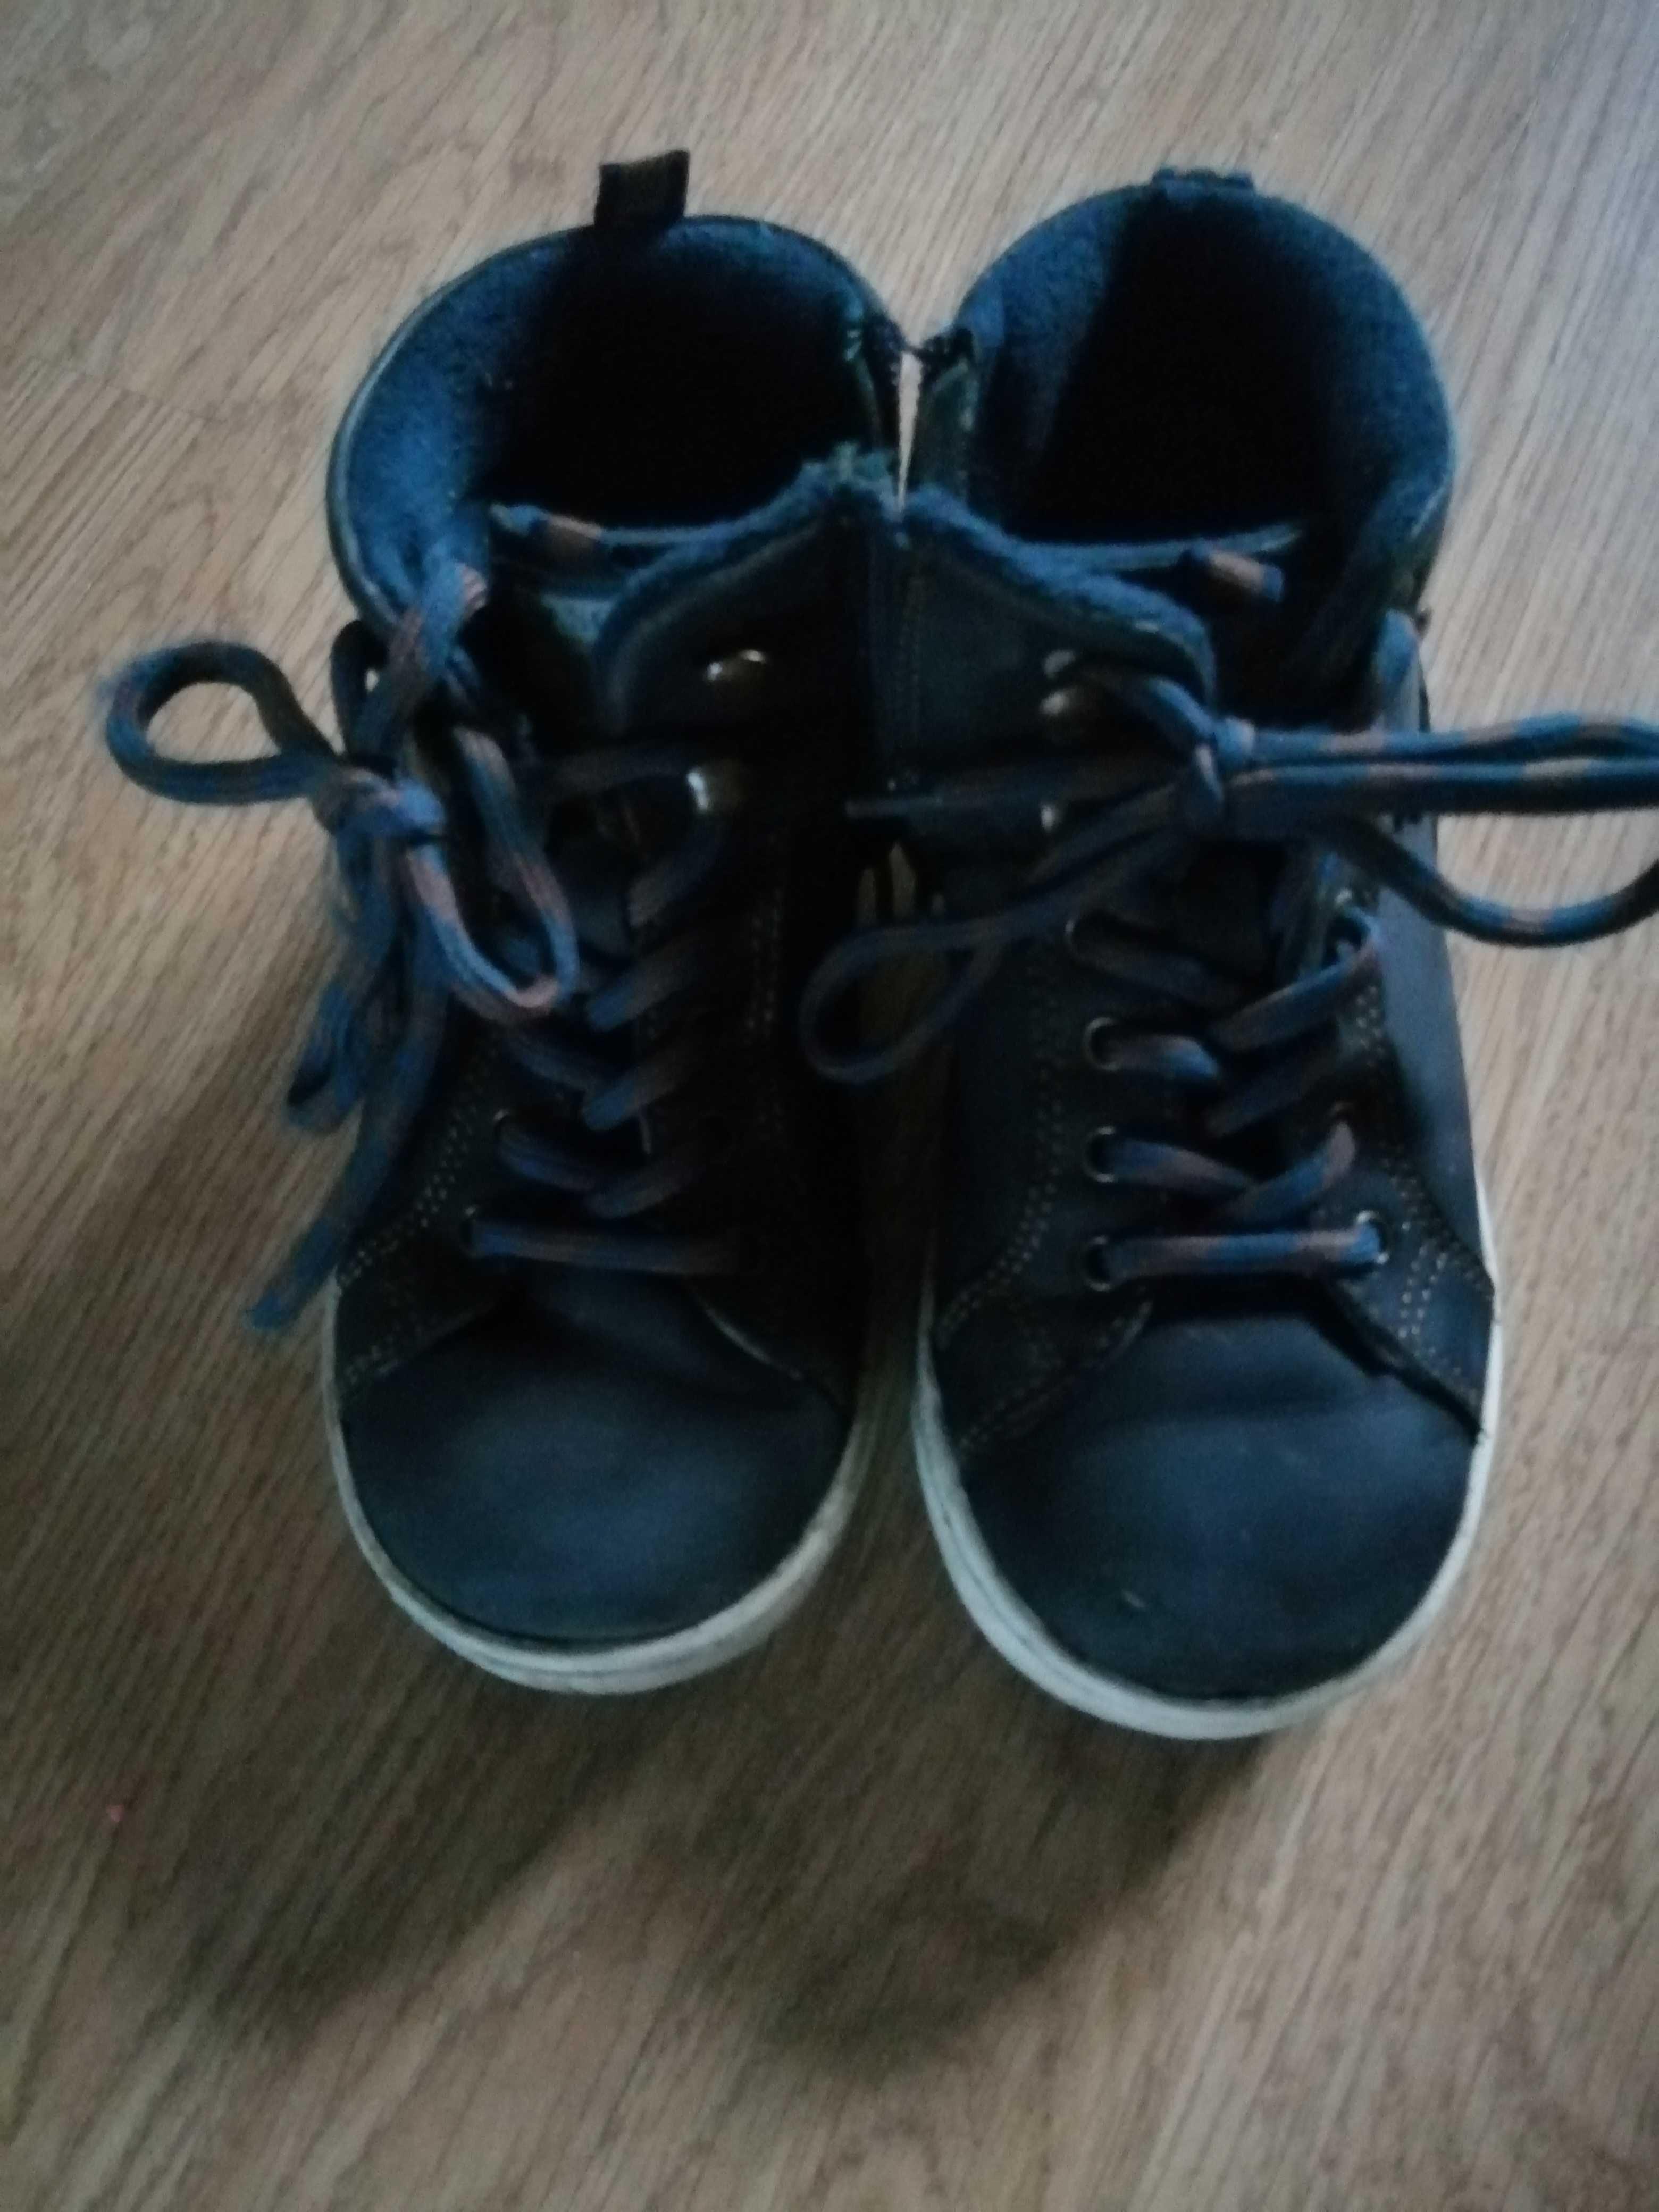 Buty chłopięce rozm. 26